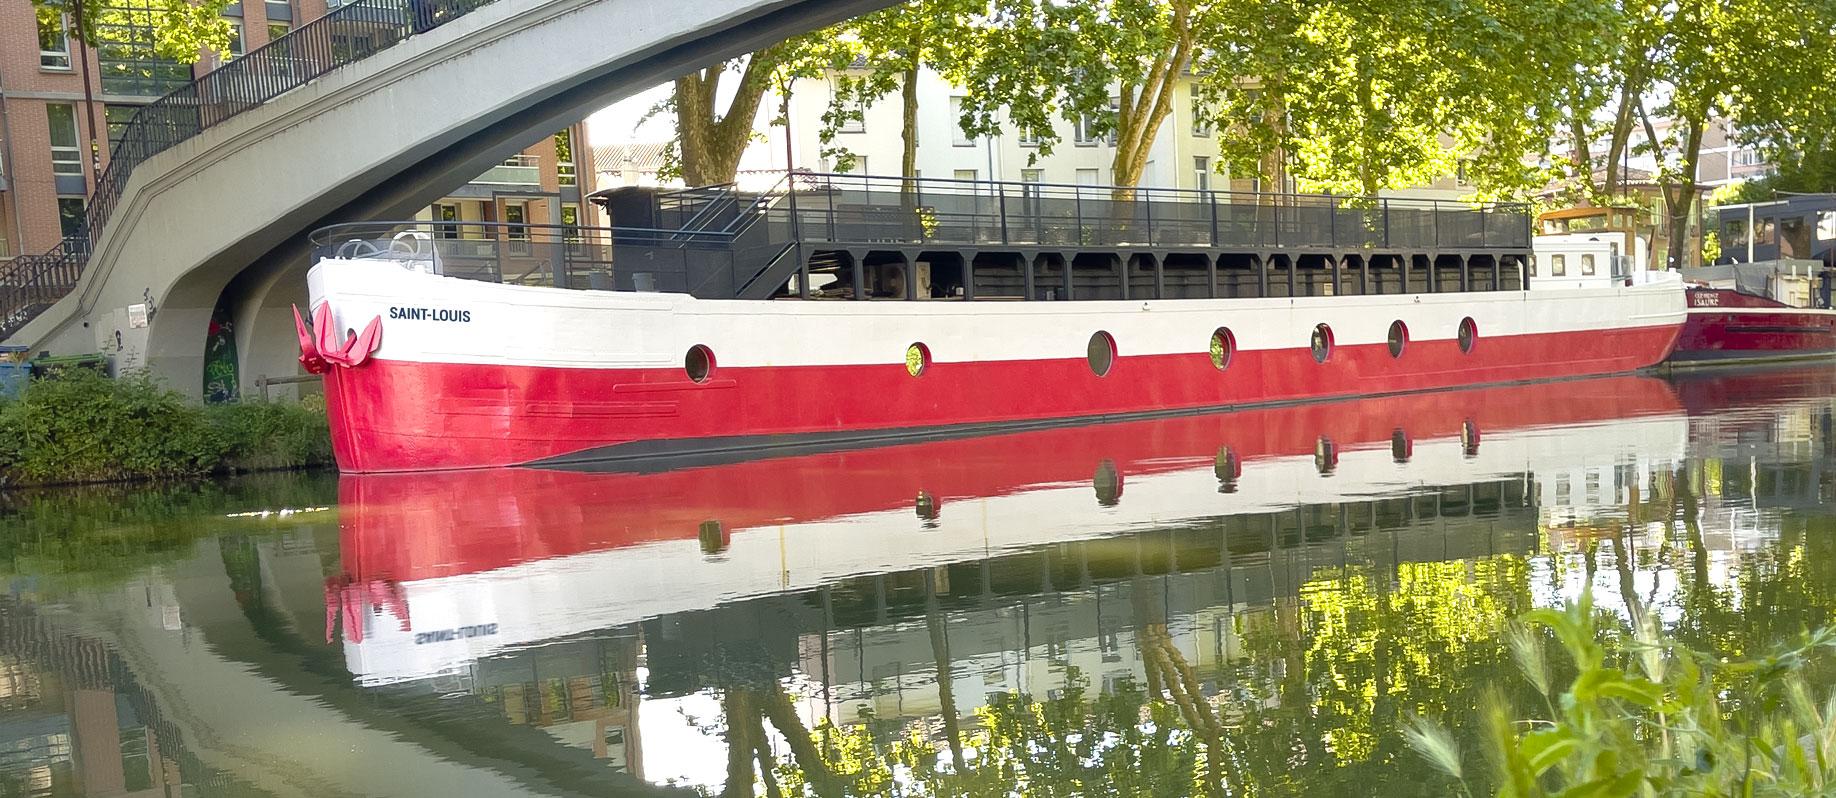 La péniche Saint-Louis